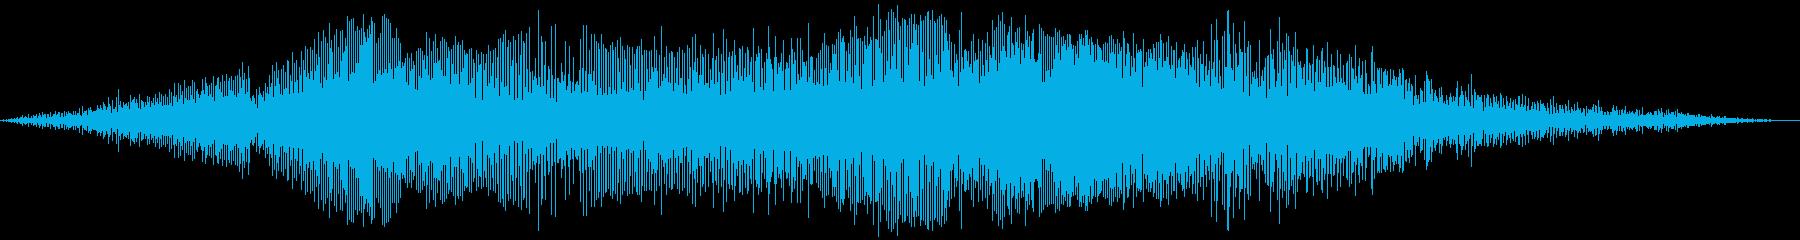 ピットバイクレースの再生済みの波形